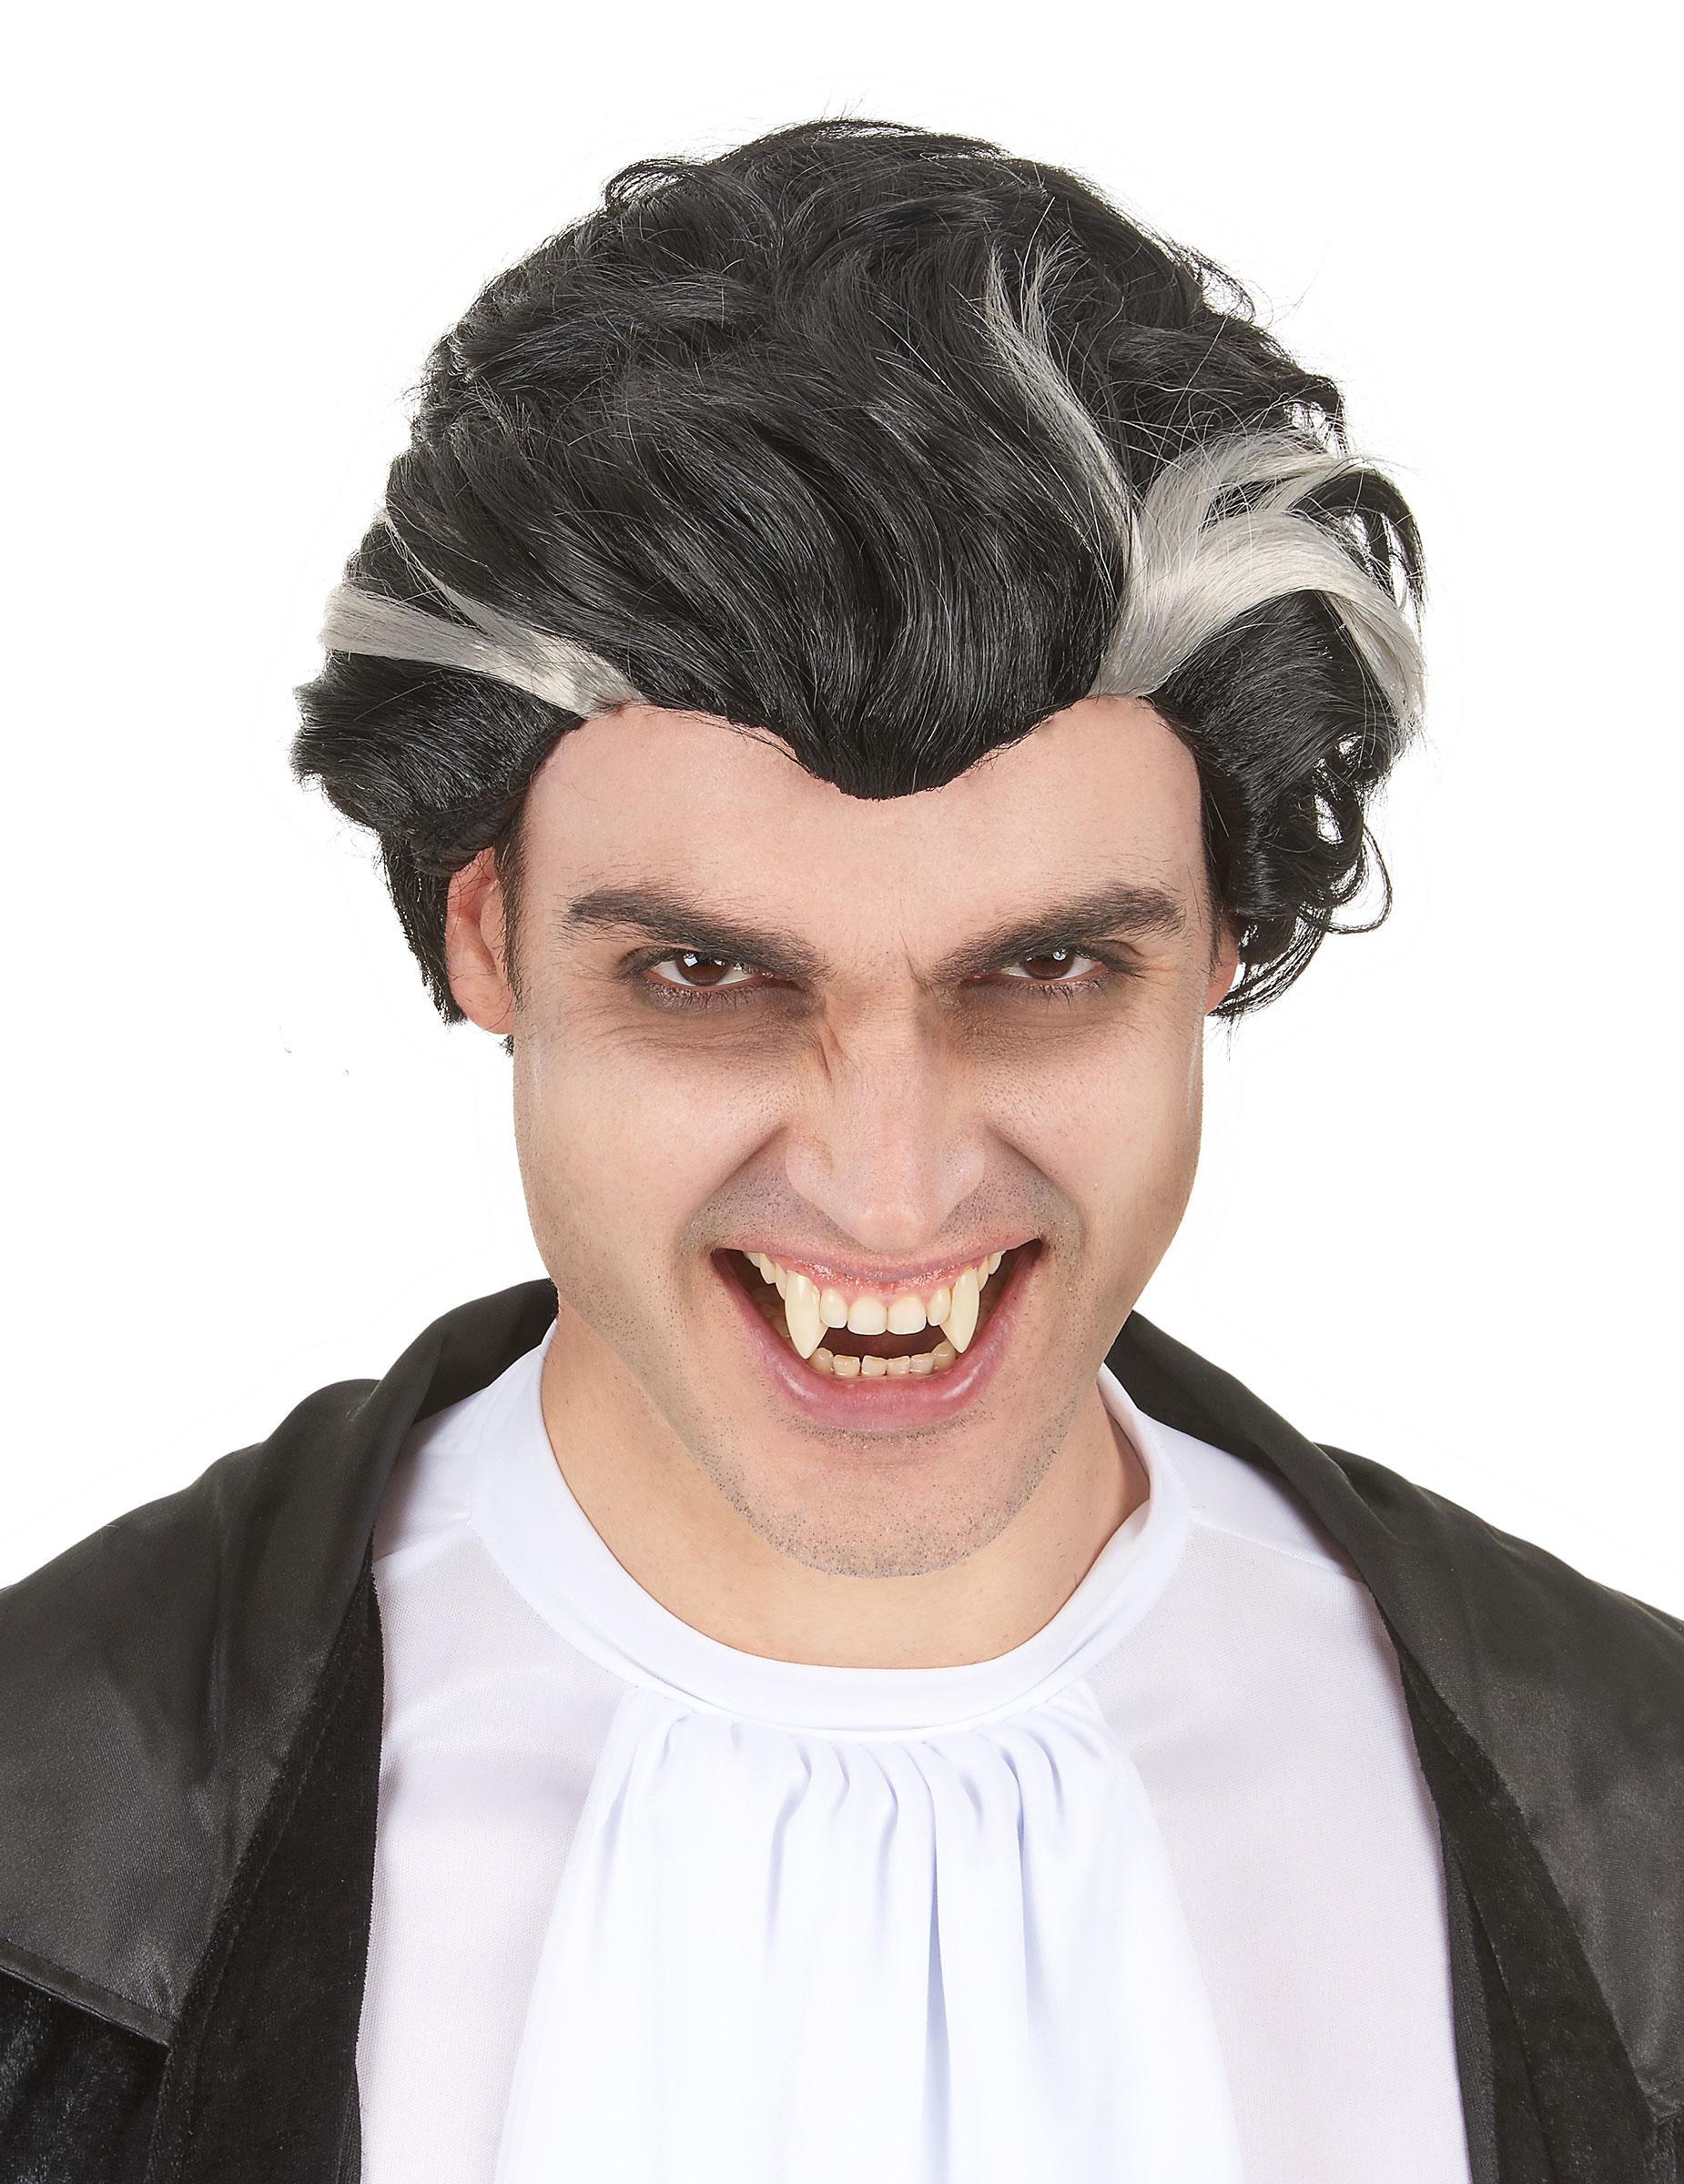 Perruque vampire noire et blanche homme :